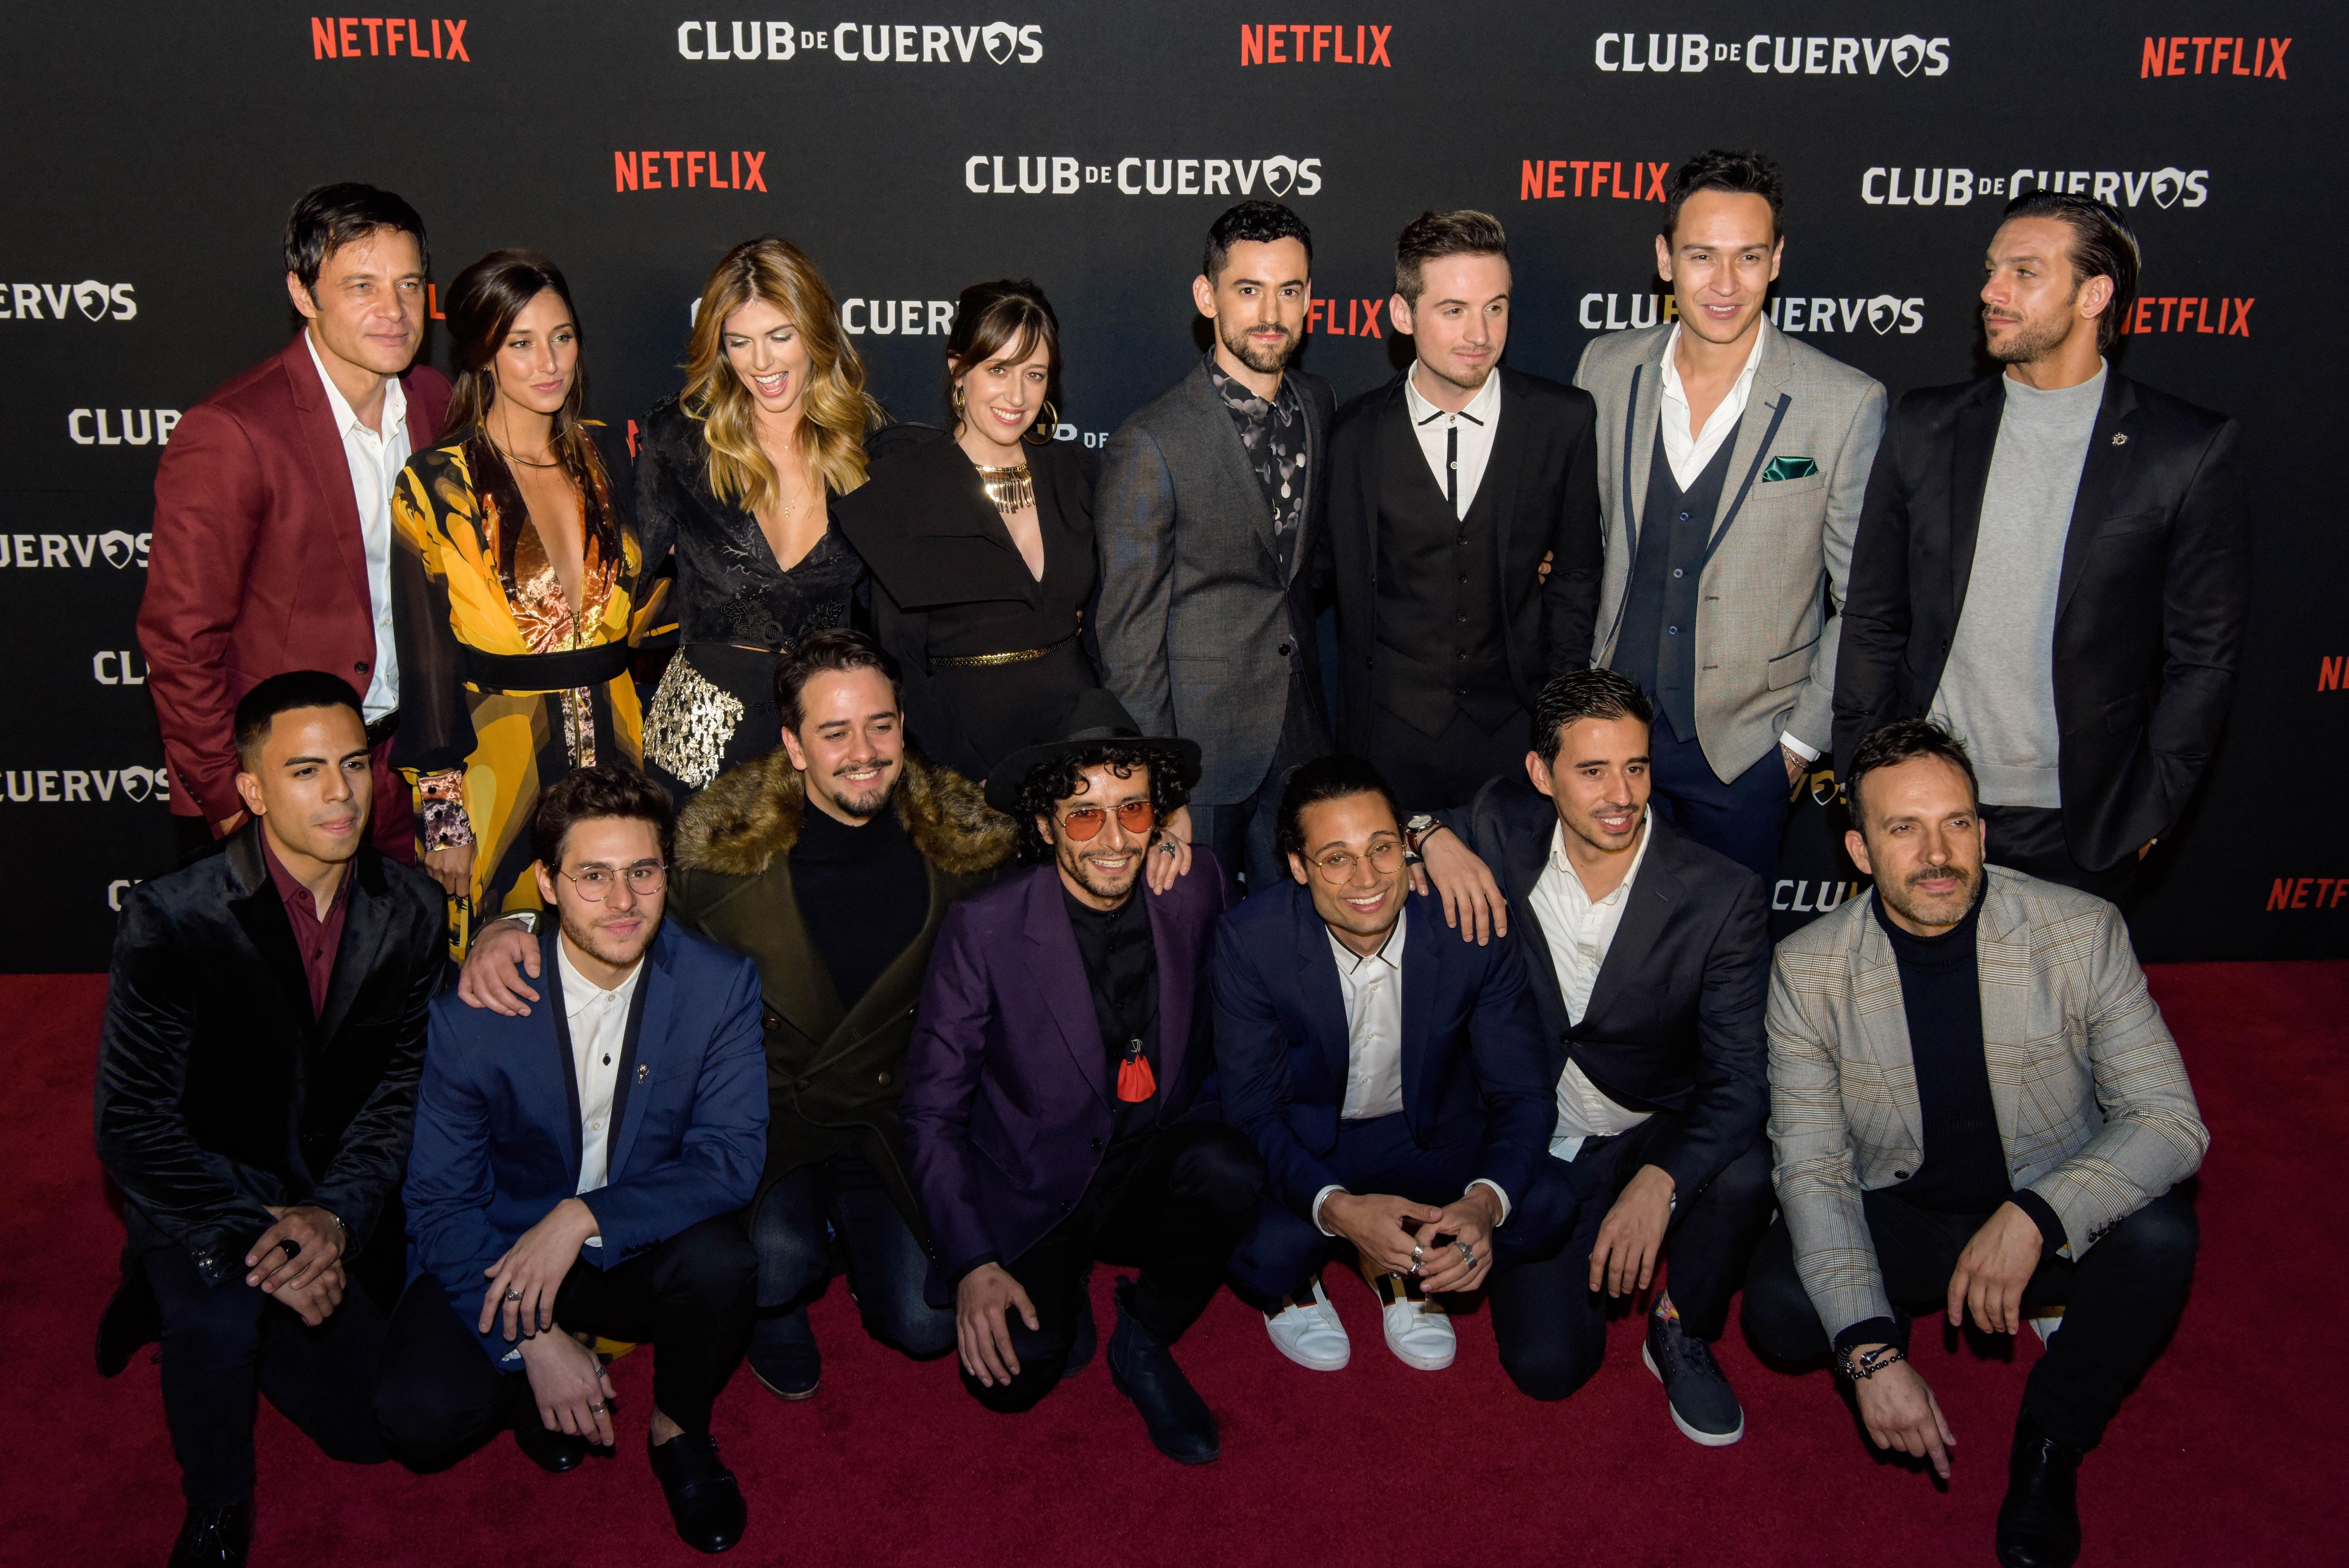 El elenco de la serie desfiló por última vez en una alfombra roja (Foto: Cortesía Netflix)